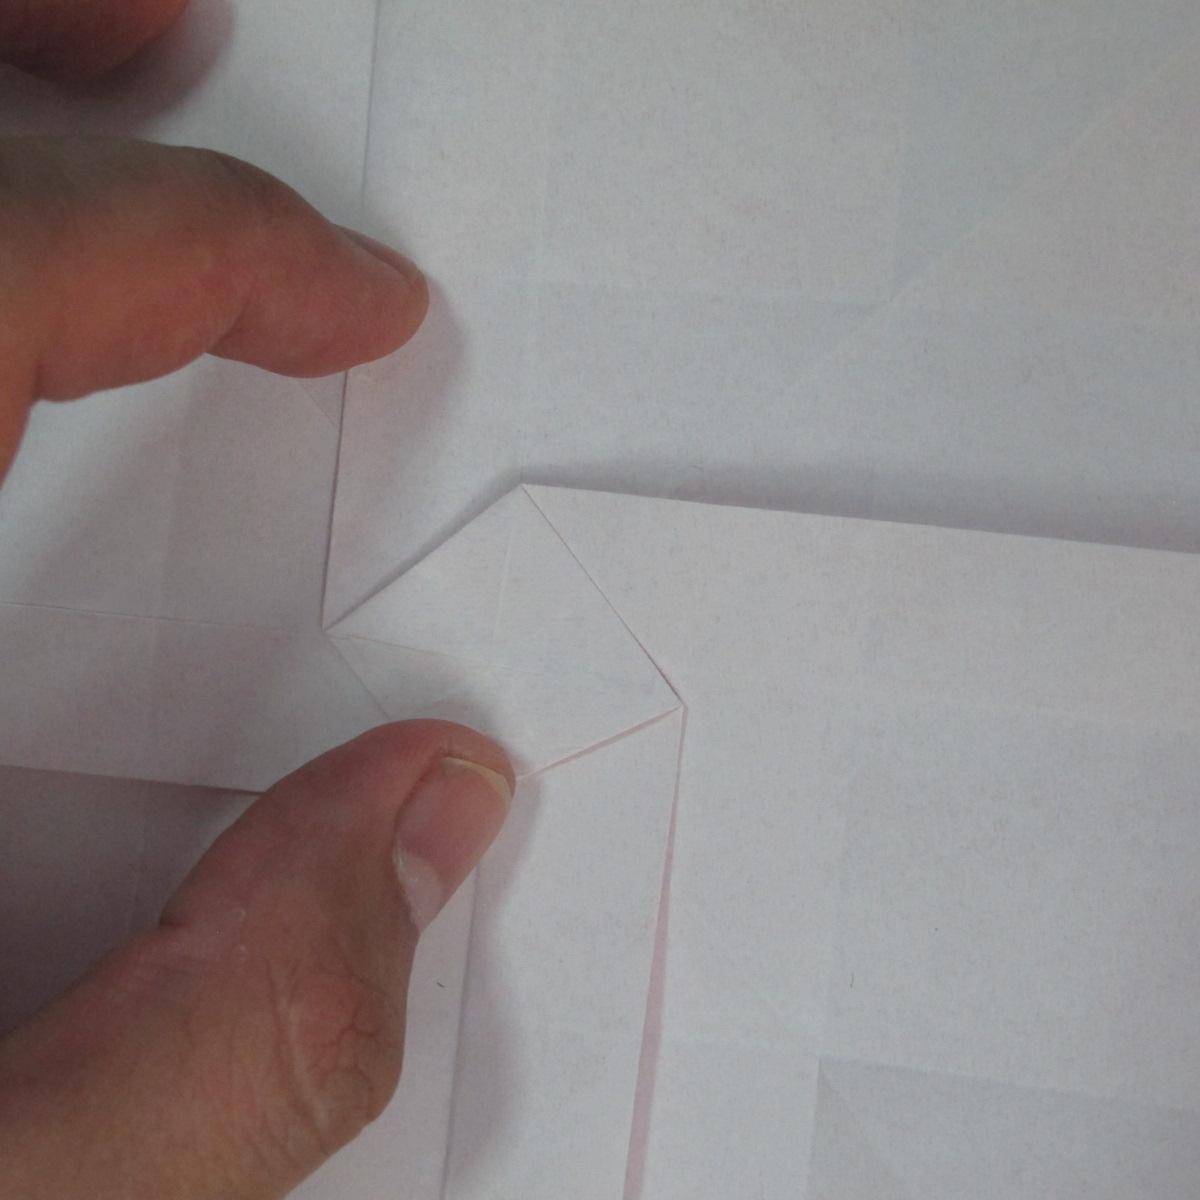 วิธีพับกระดาษพับดอกกุหลาบ 025